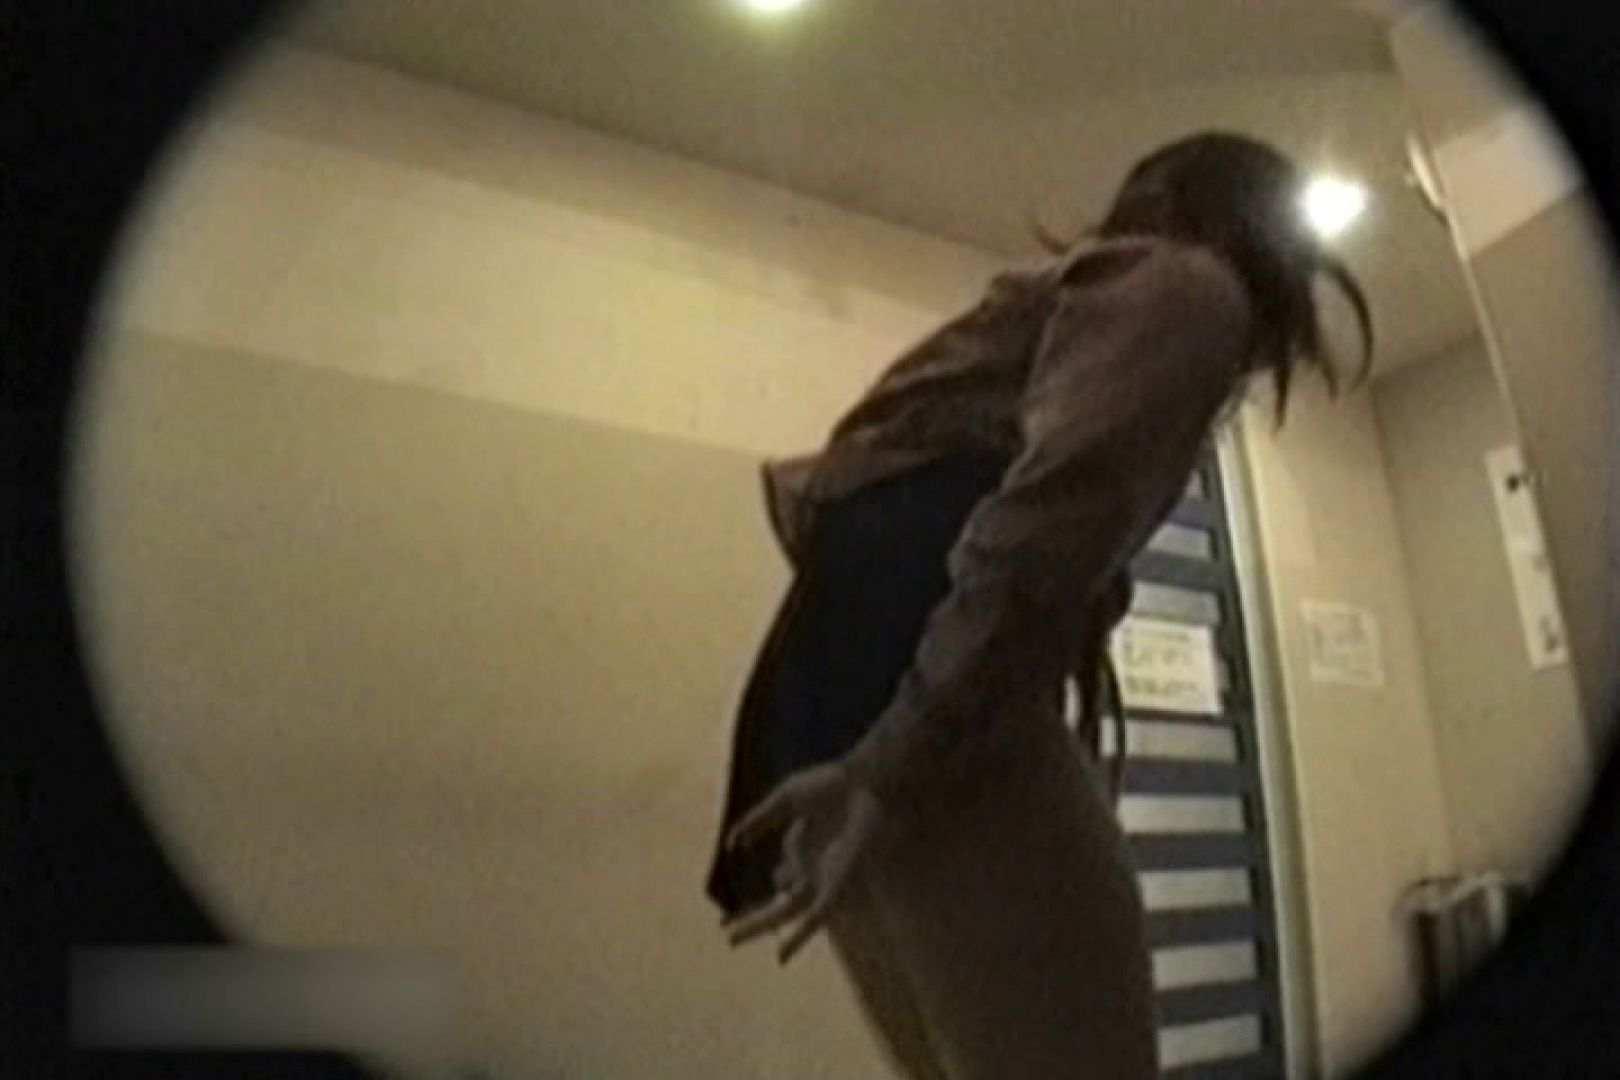 某隊長執念の張り込み!更衣室お着替え覗きVOL.02 美しいOLの裸体 隠し撮りオマンコ動画紹介 91pic 22